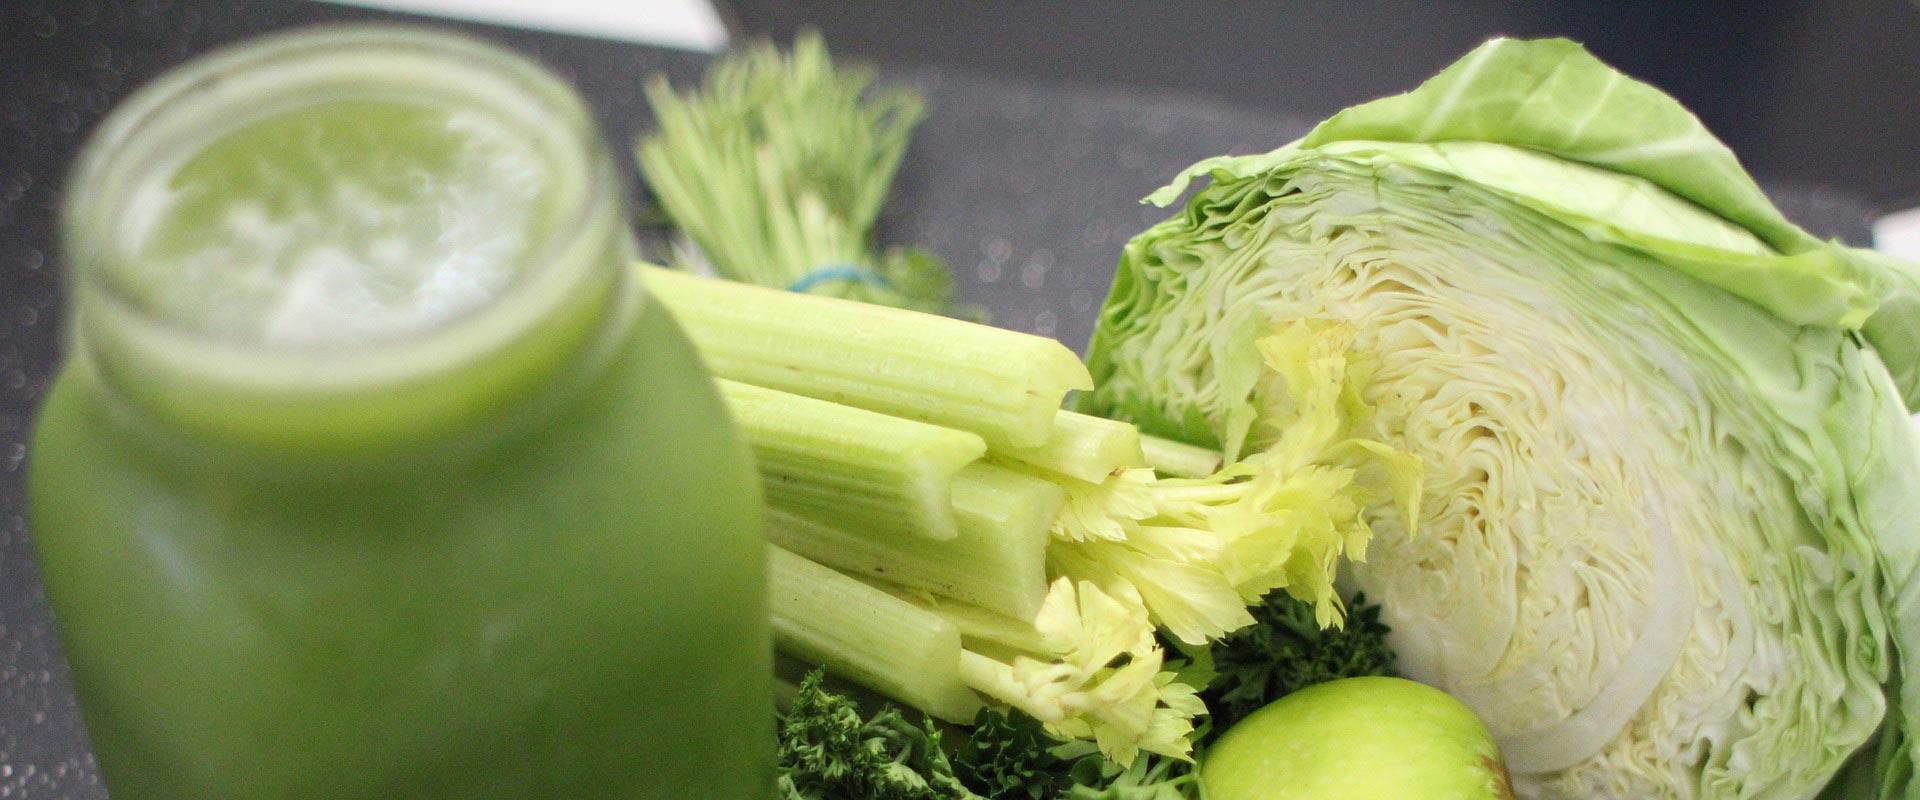 jus de légumes frais